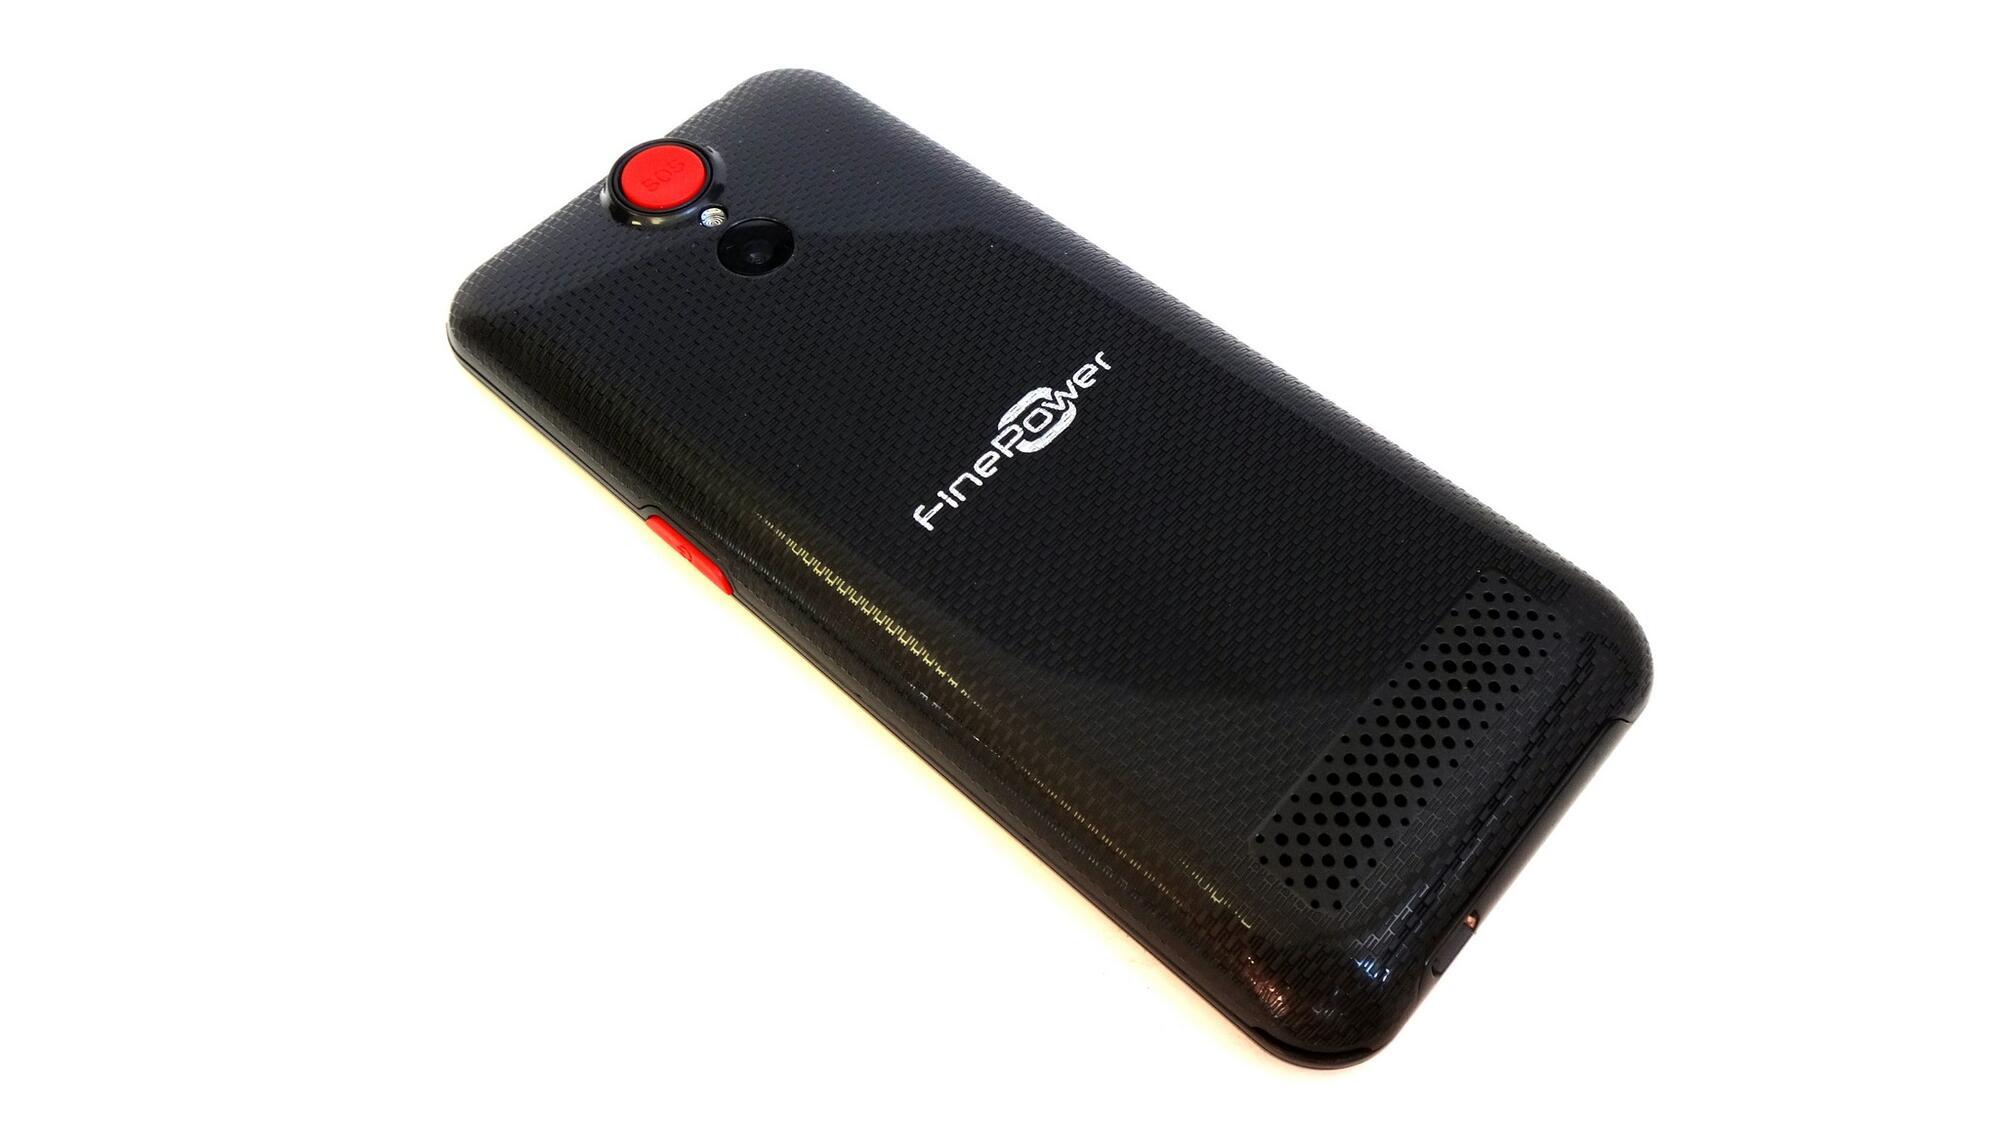 Smartfony i aksessuary - Obzor smartfona FinePower F1. Babushkofon s OS Android.